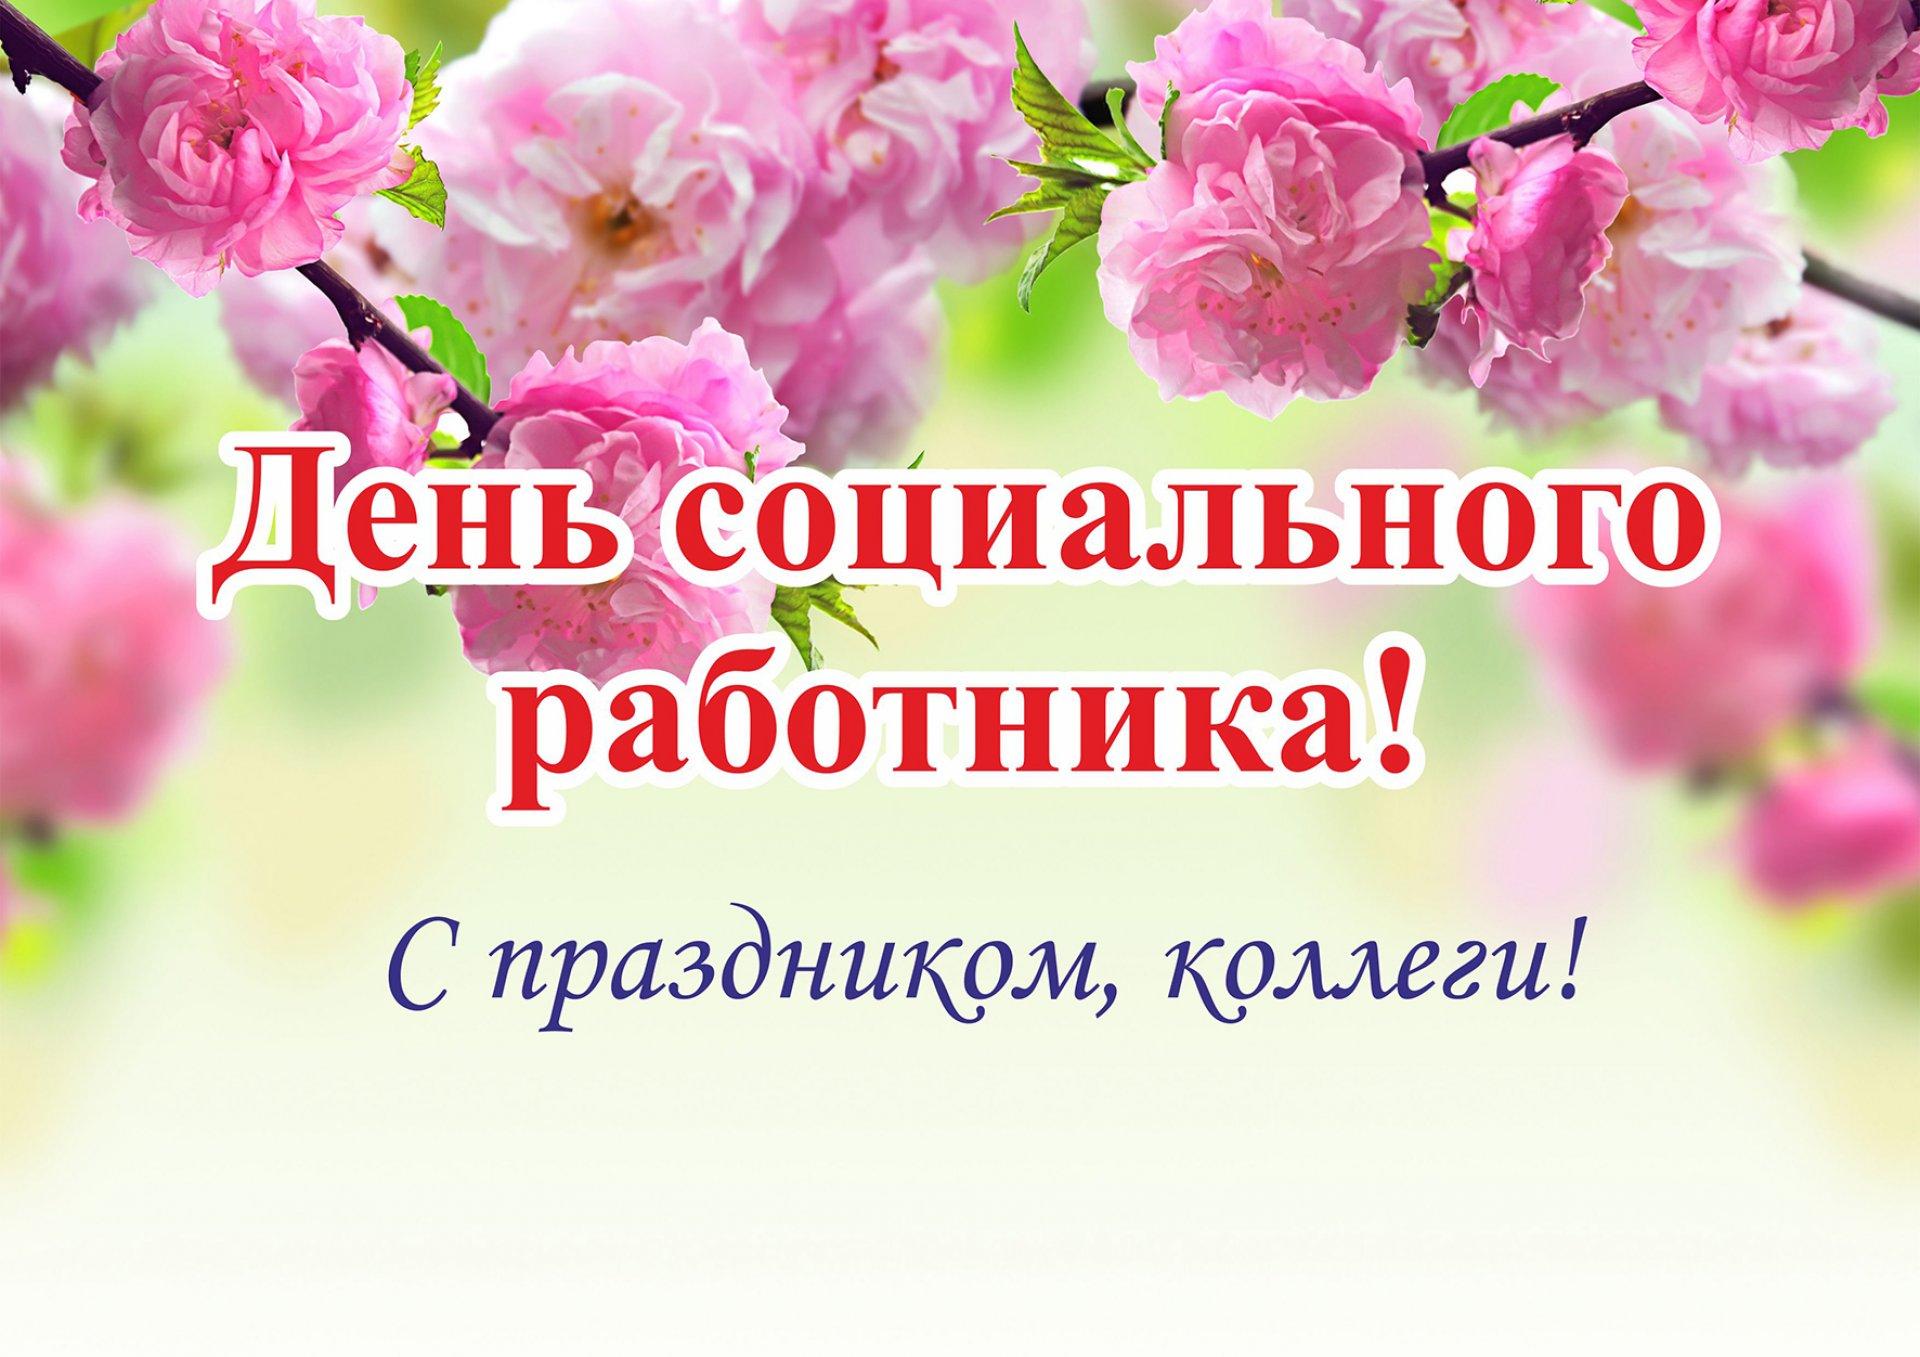 Поздравления ко дню социального работника открытки